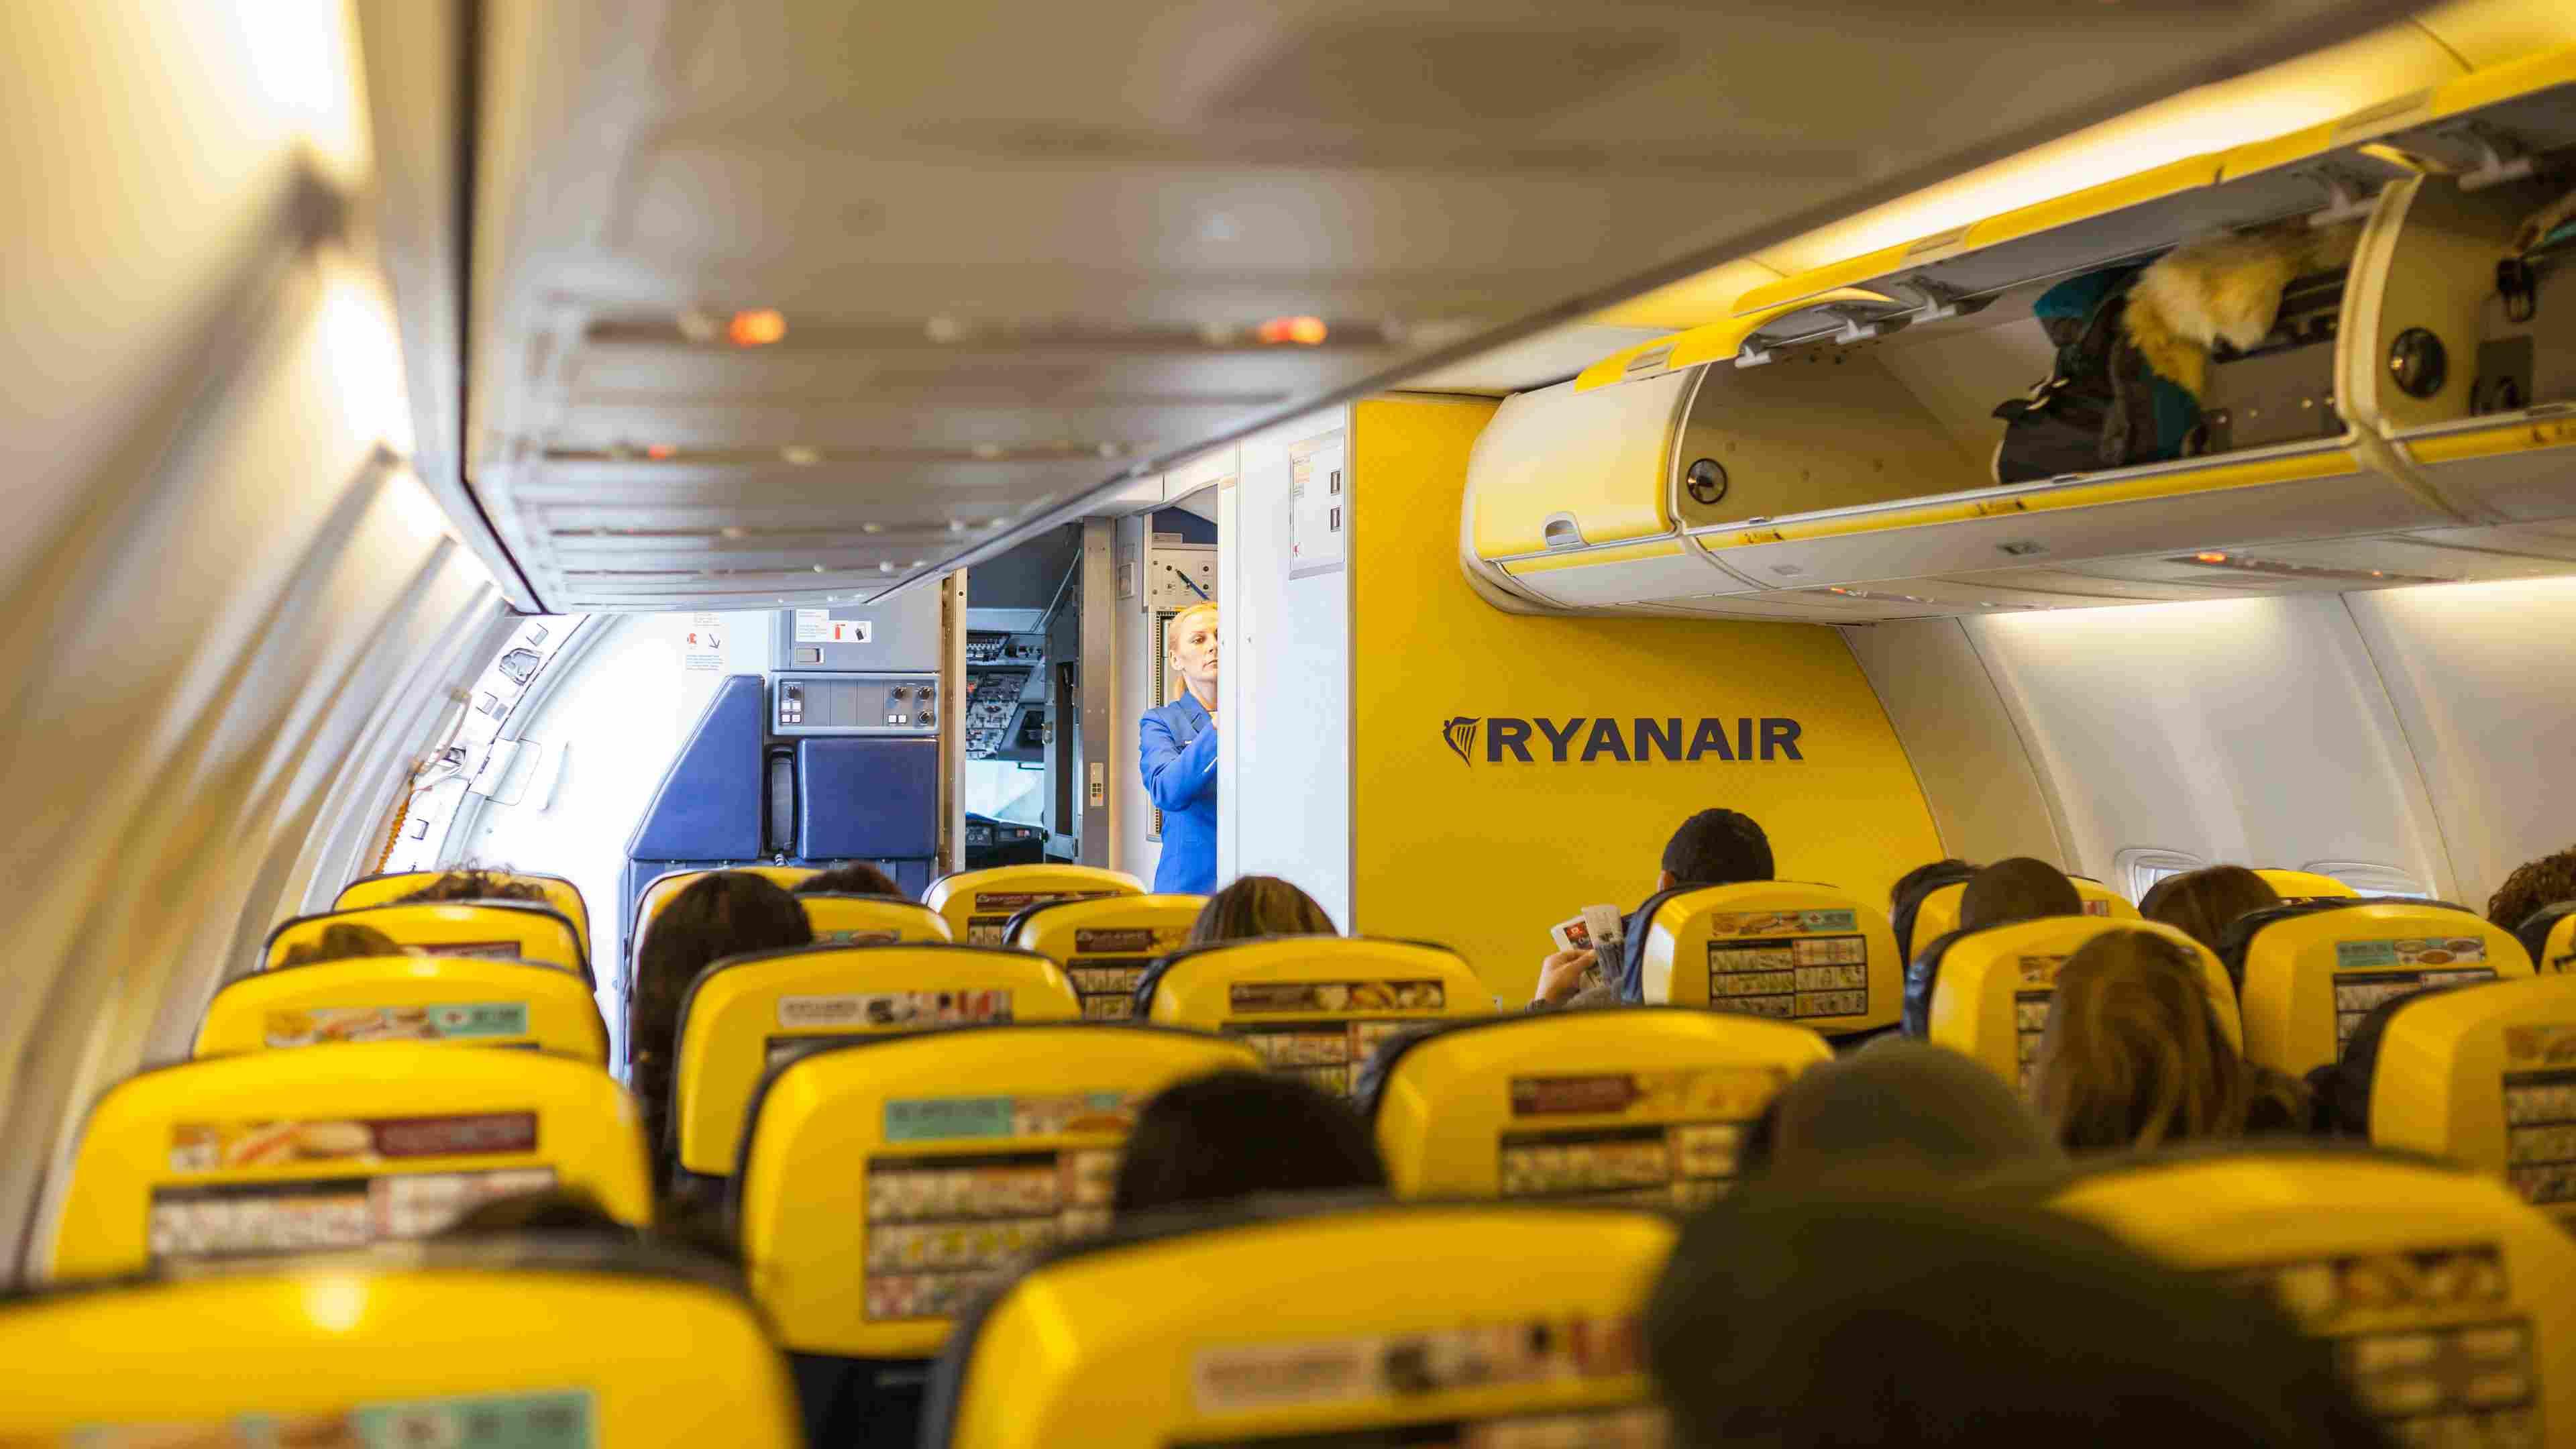 Ryanair Jet airplanes interior view